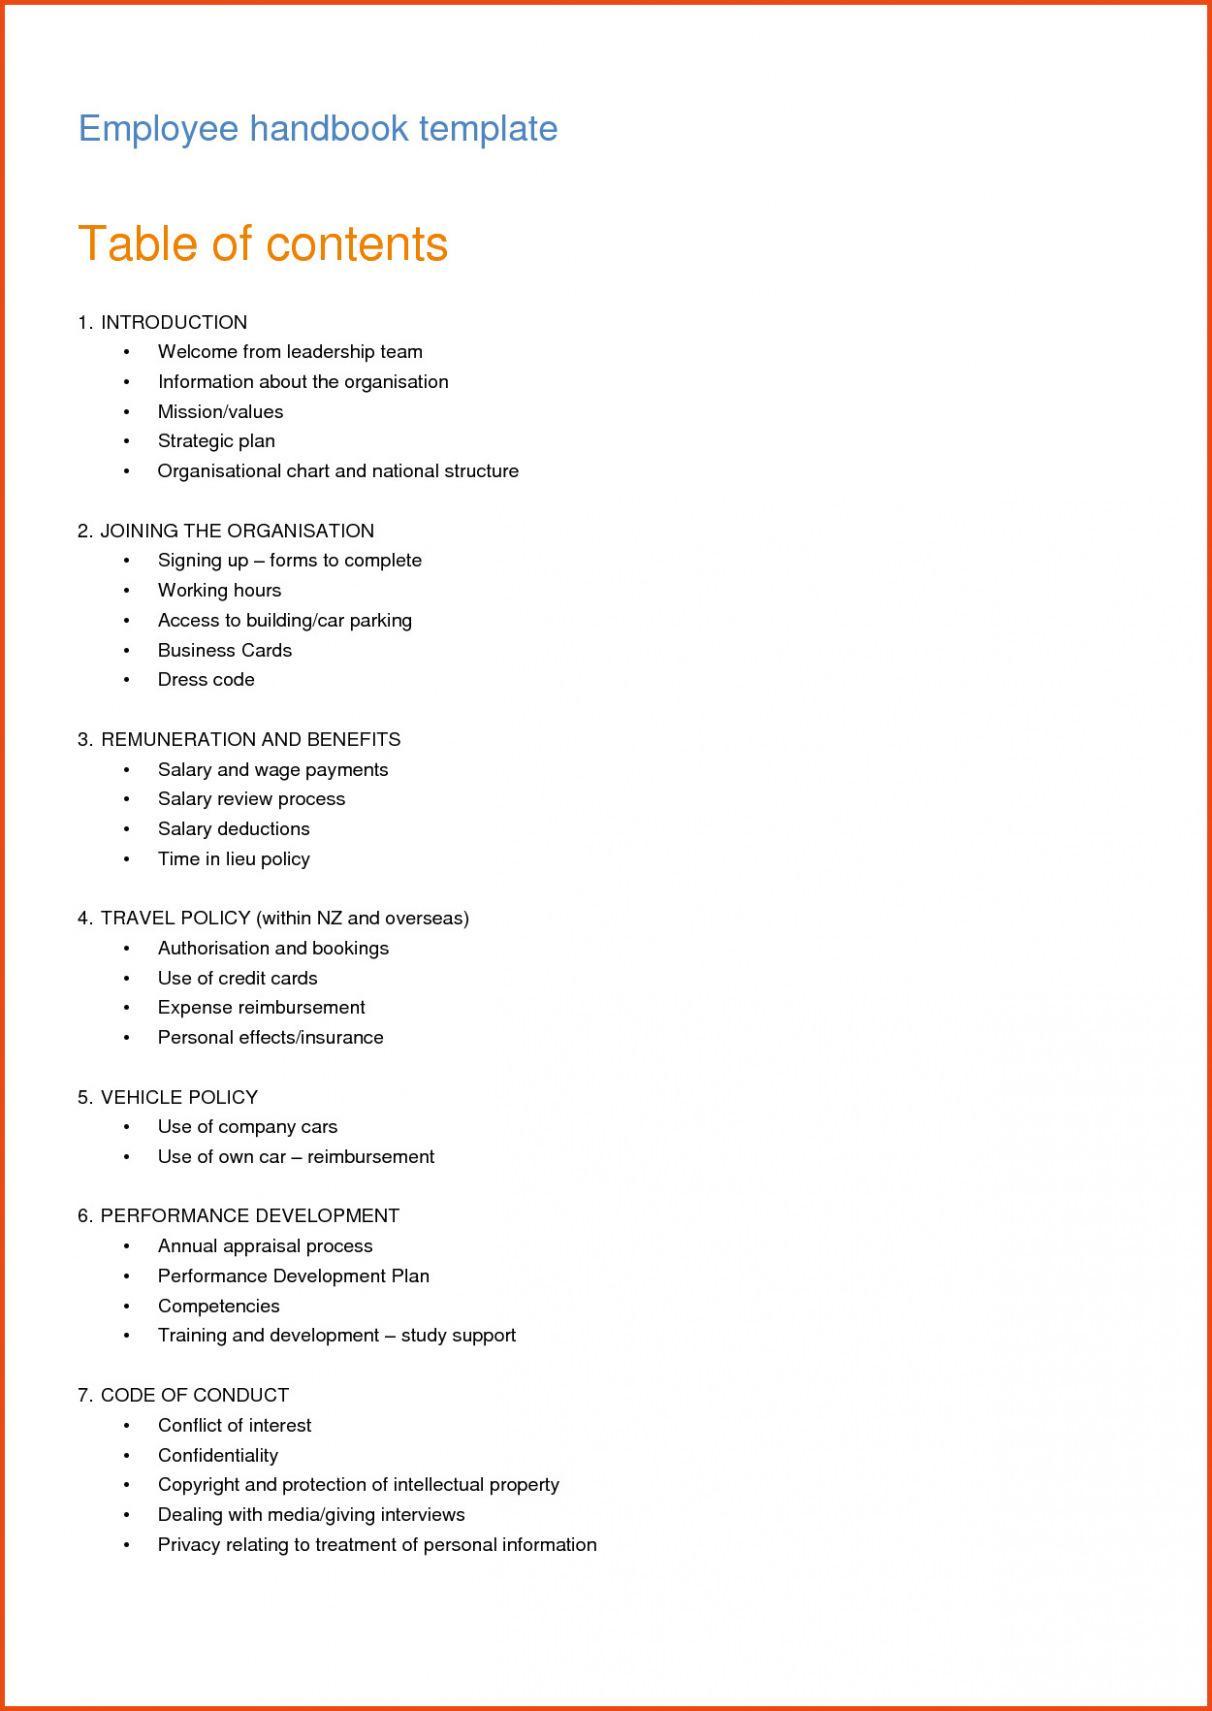 Employee Handbook Template Nz